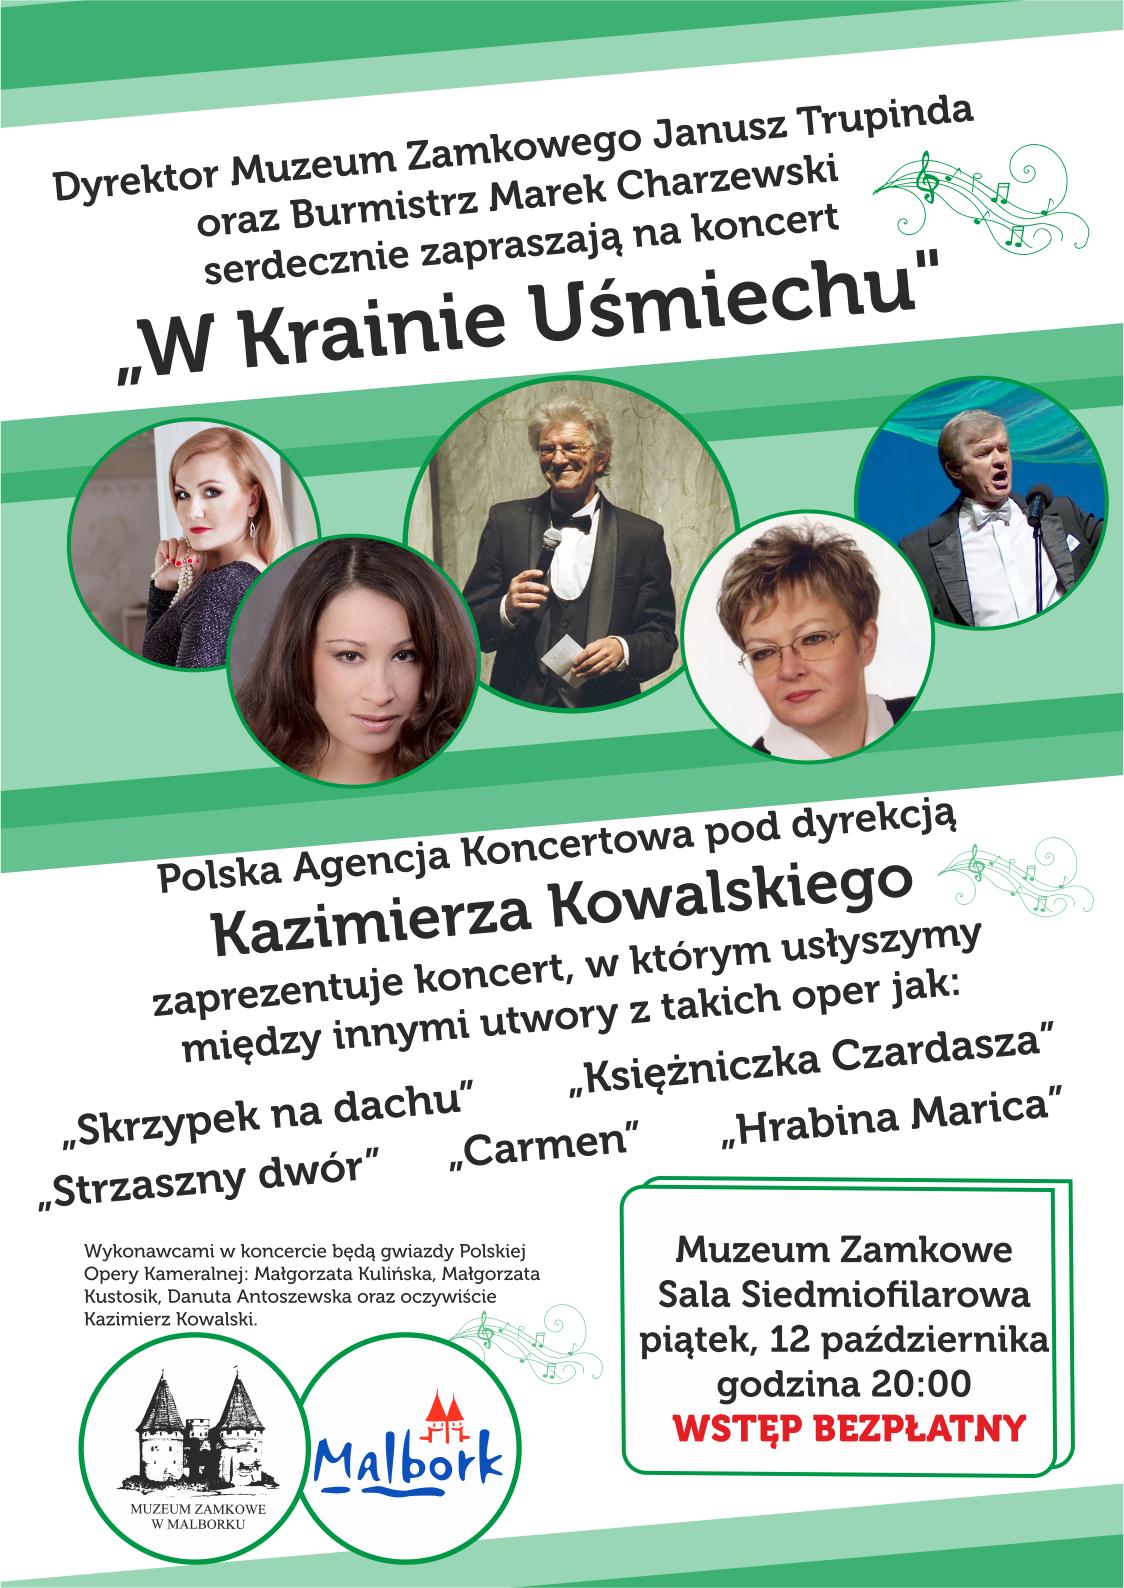 http://m.82-200.pl/2018/10/orig/kowalskifinal-3642.png